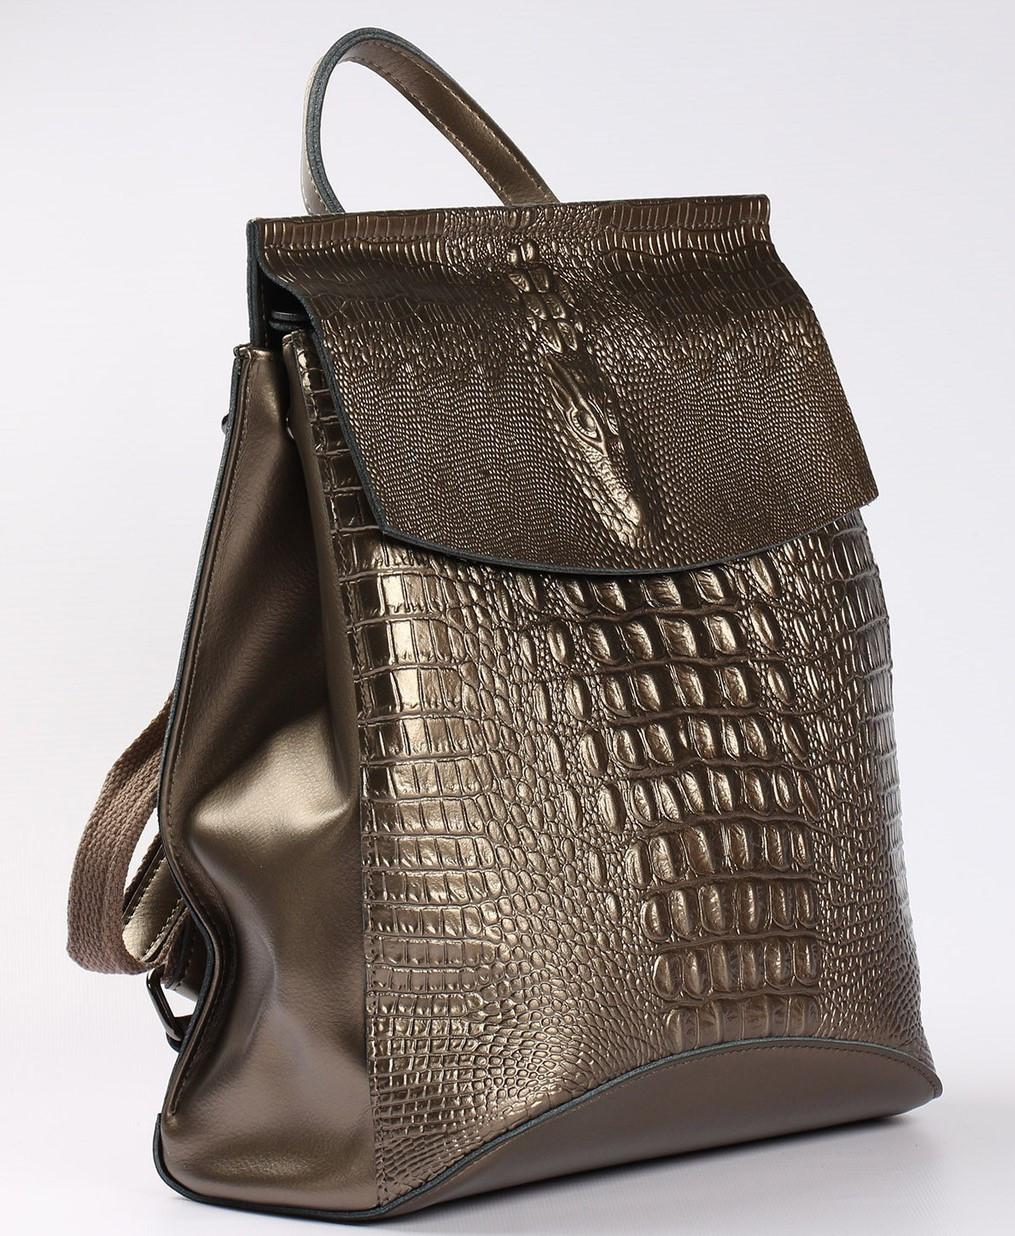 Женский кожаный рюкзак-сумка бронзового цвета с тиснением под кожу крокодила Tiding Bag  - 99606